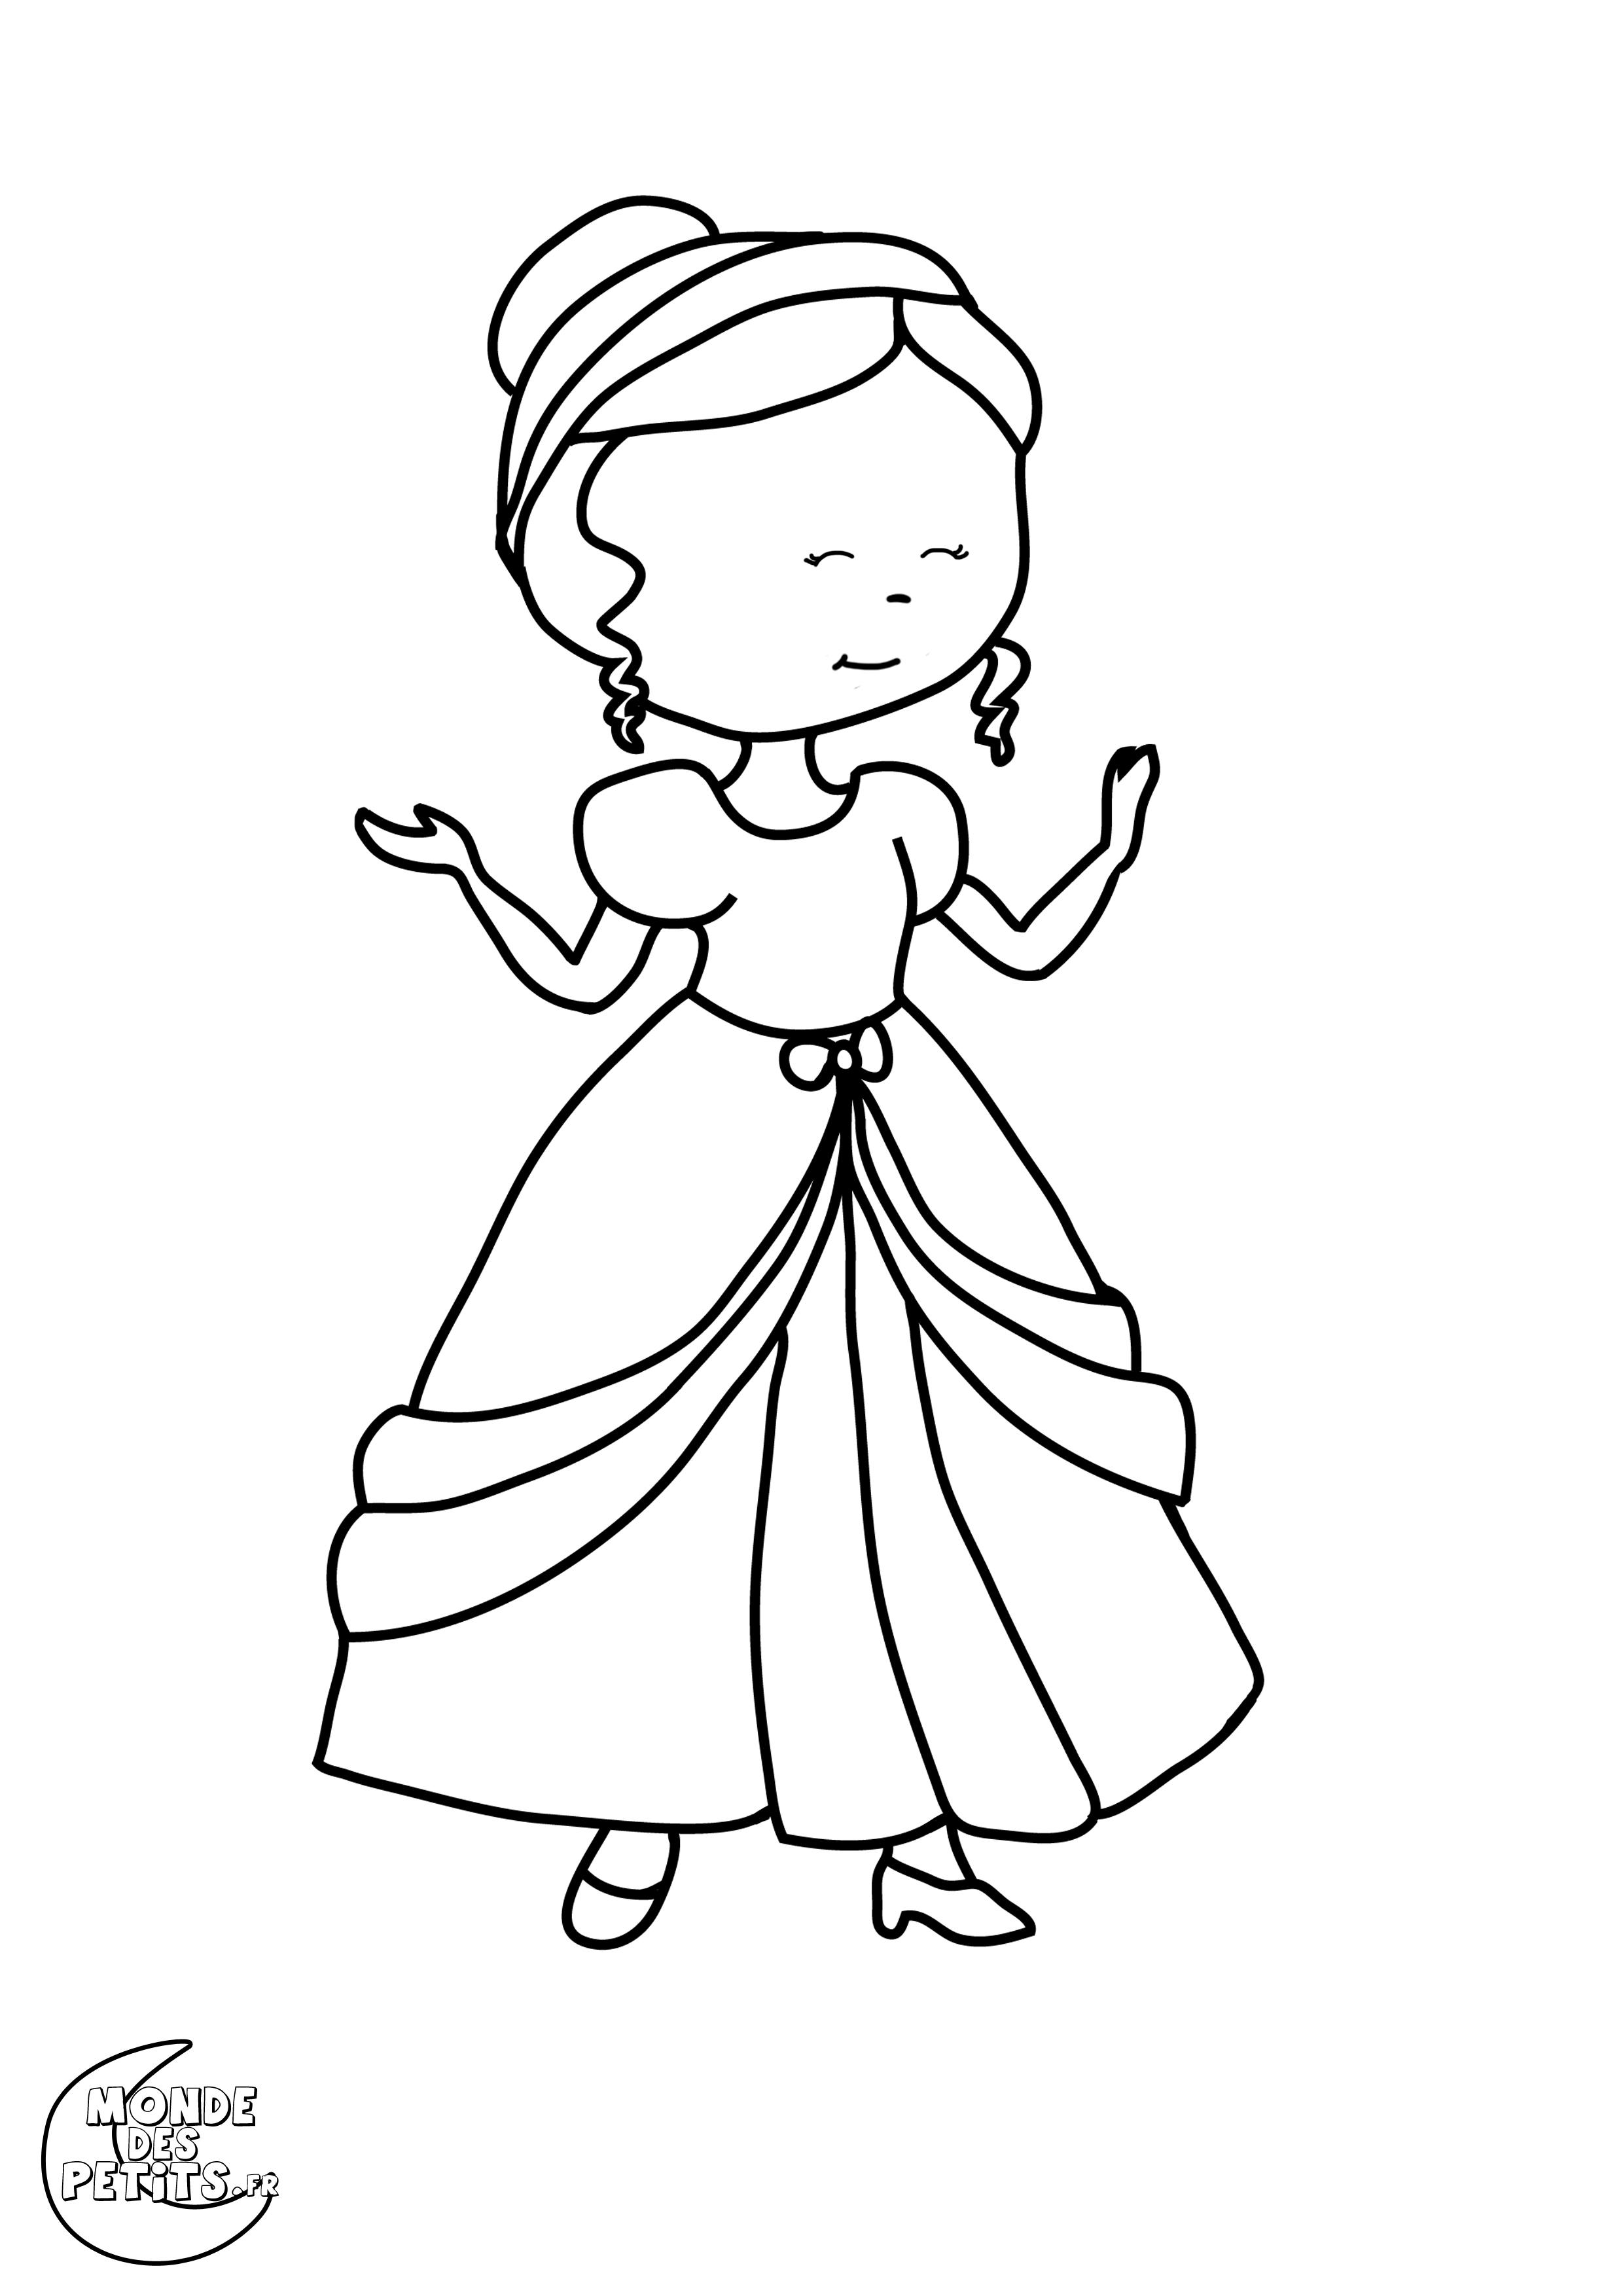 Princesse 5 coloriage princesses coloriages pour enfants - Coloriage colorier ...